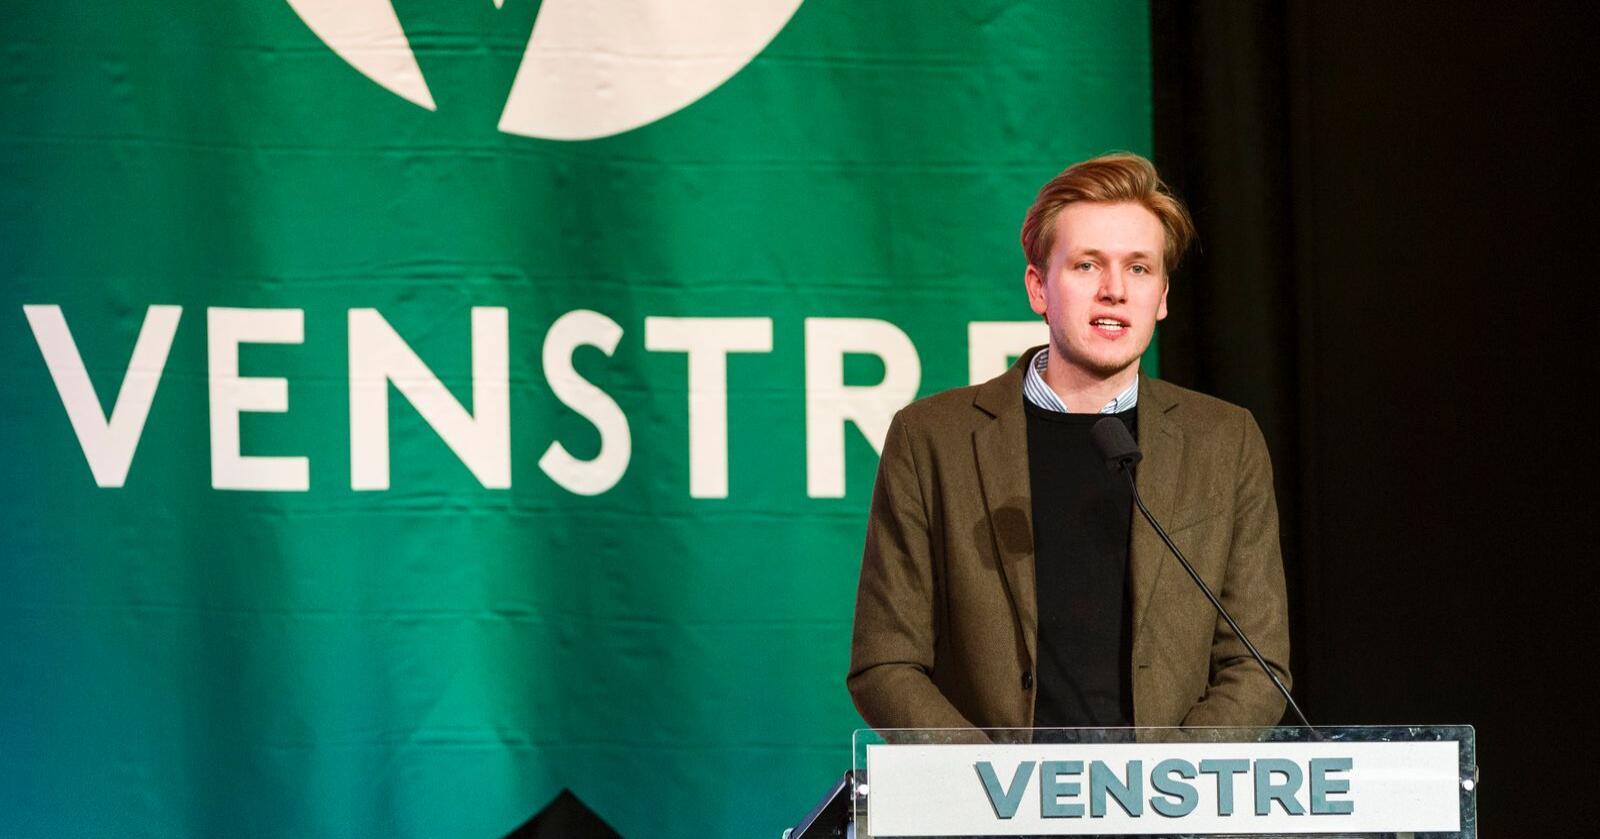 Unge Venstre-leder Sondre Hansmark. Foto: Ned Alley / NTB scanpix